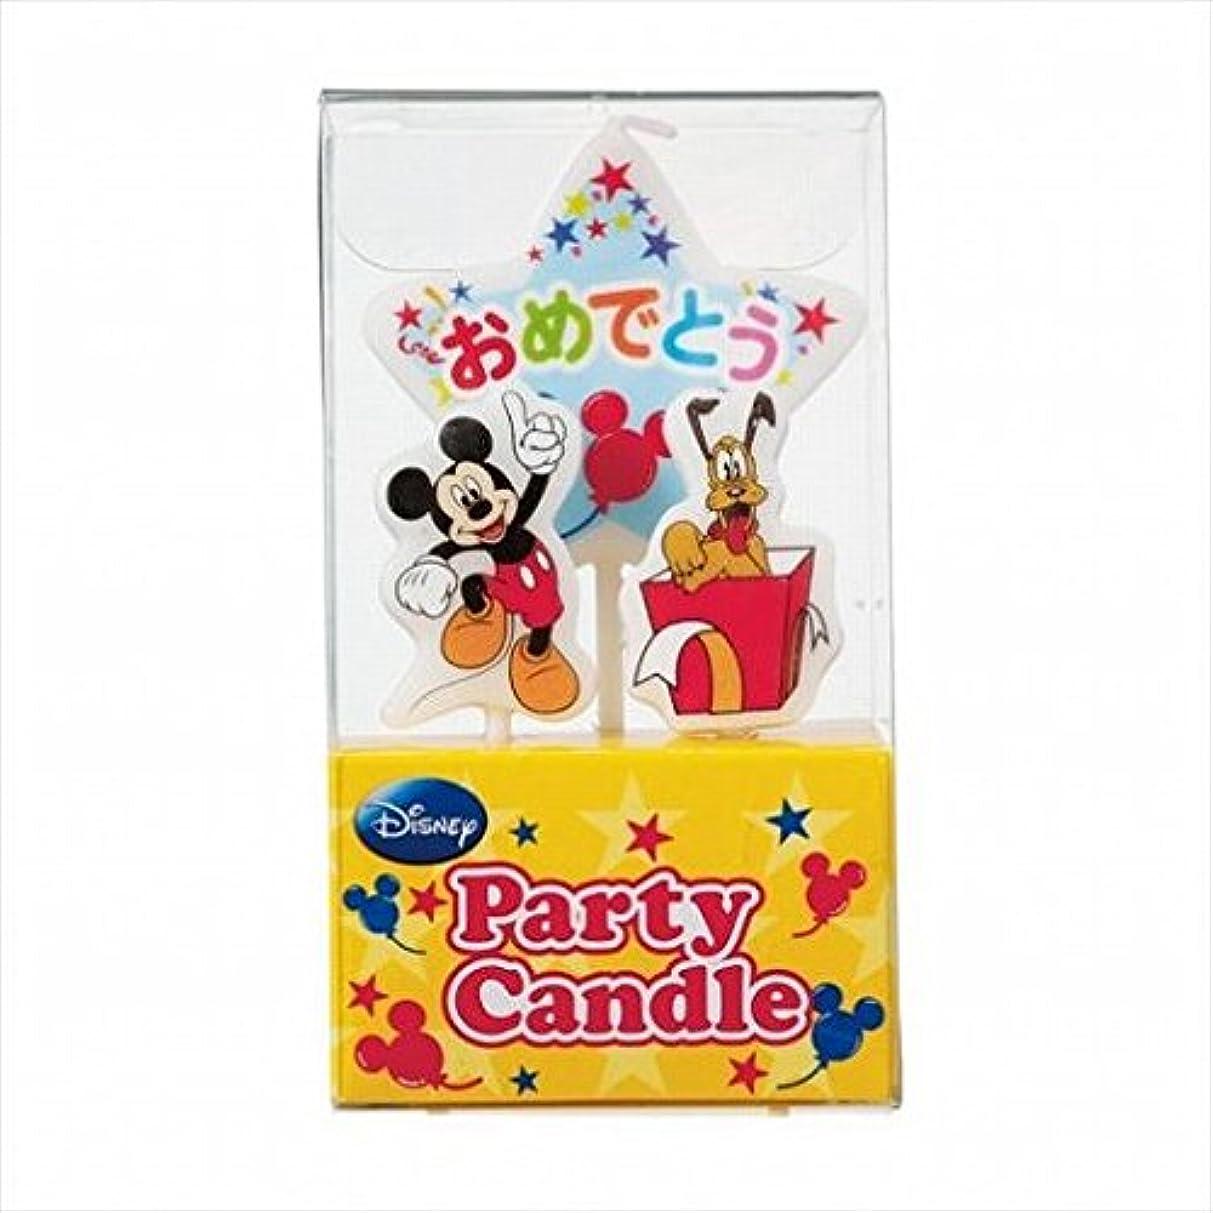 予知たっぷり近代化kameyama candle(カメヤマキャンドル) ディズニーパーティーキャンドル【ケーキ用キャンドル】 「 ミッキー 」(A3120010)